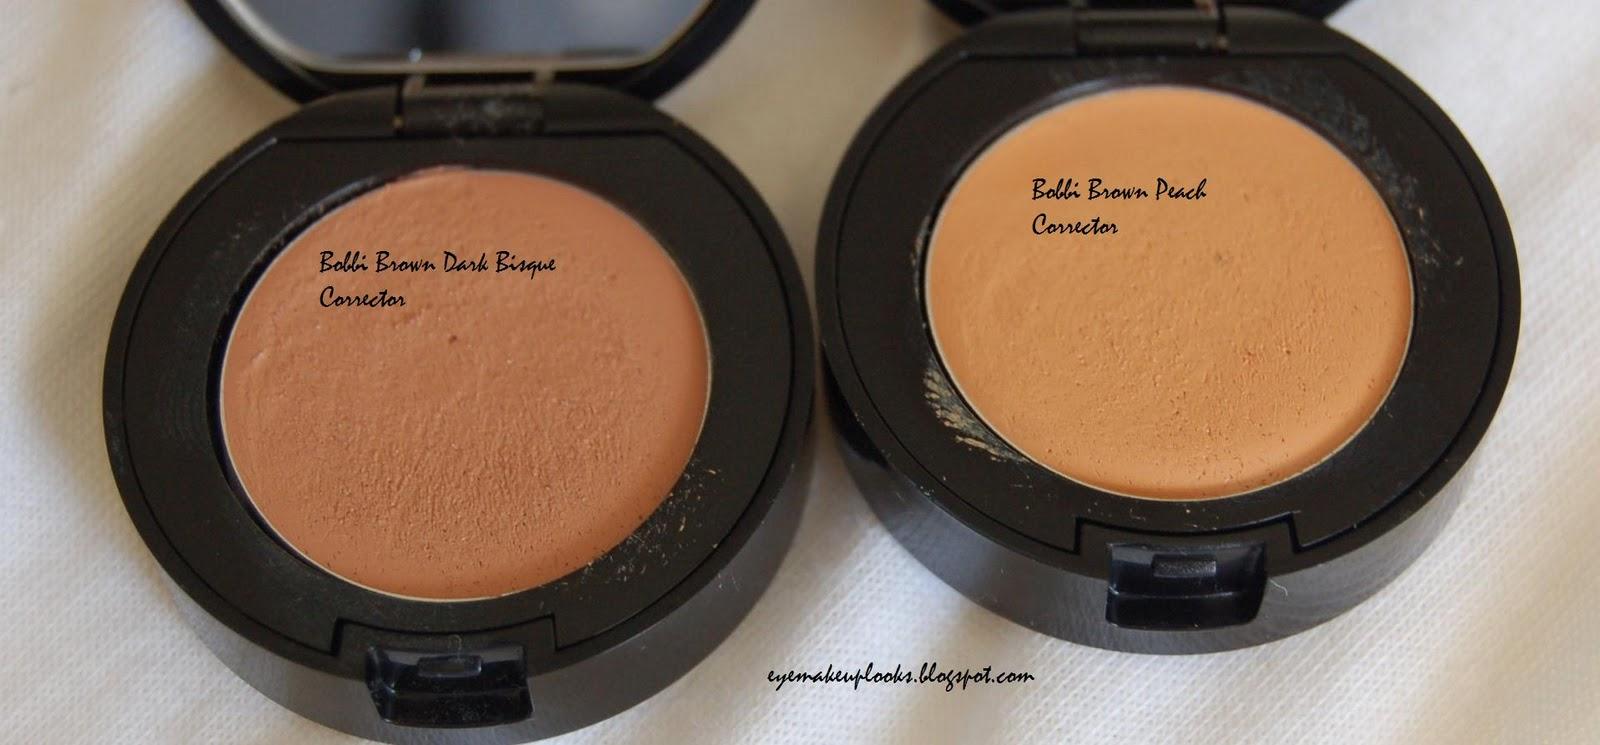 Bobbi Brown Corrector Peach Bisque